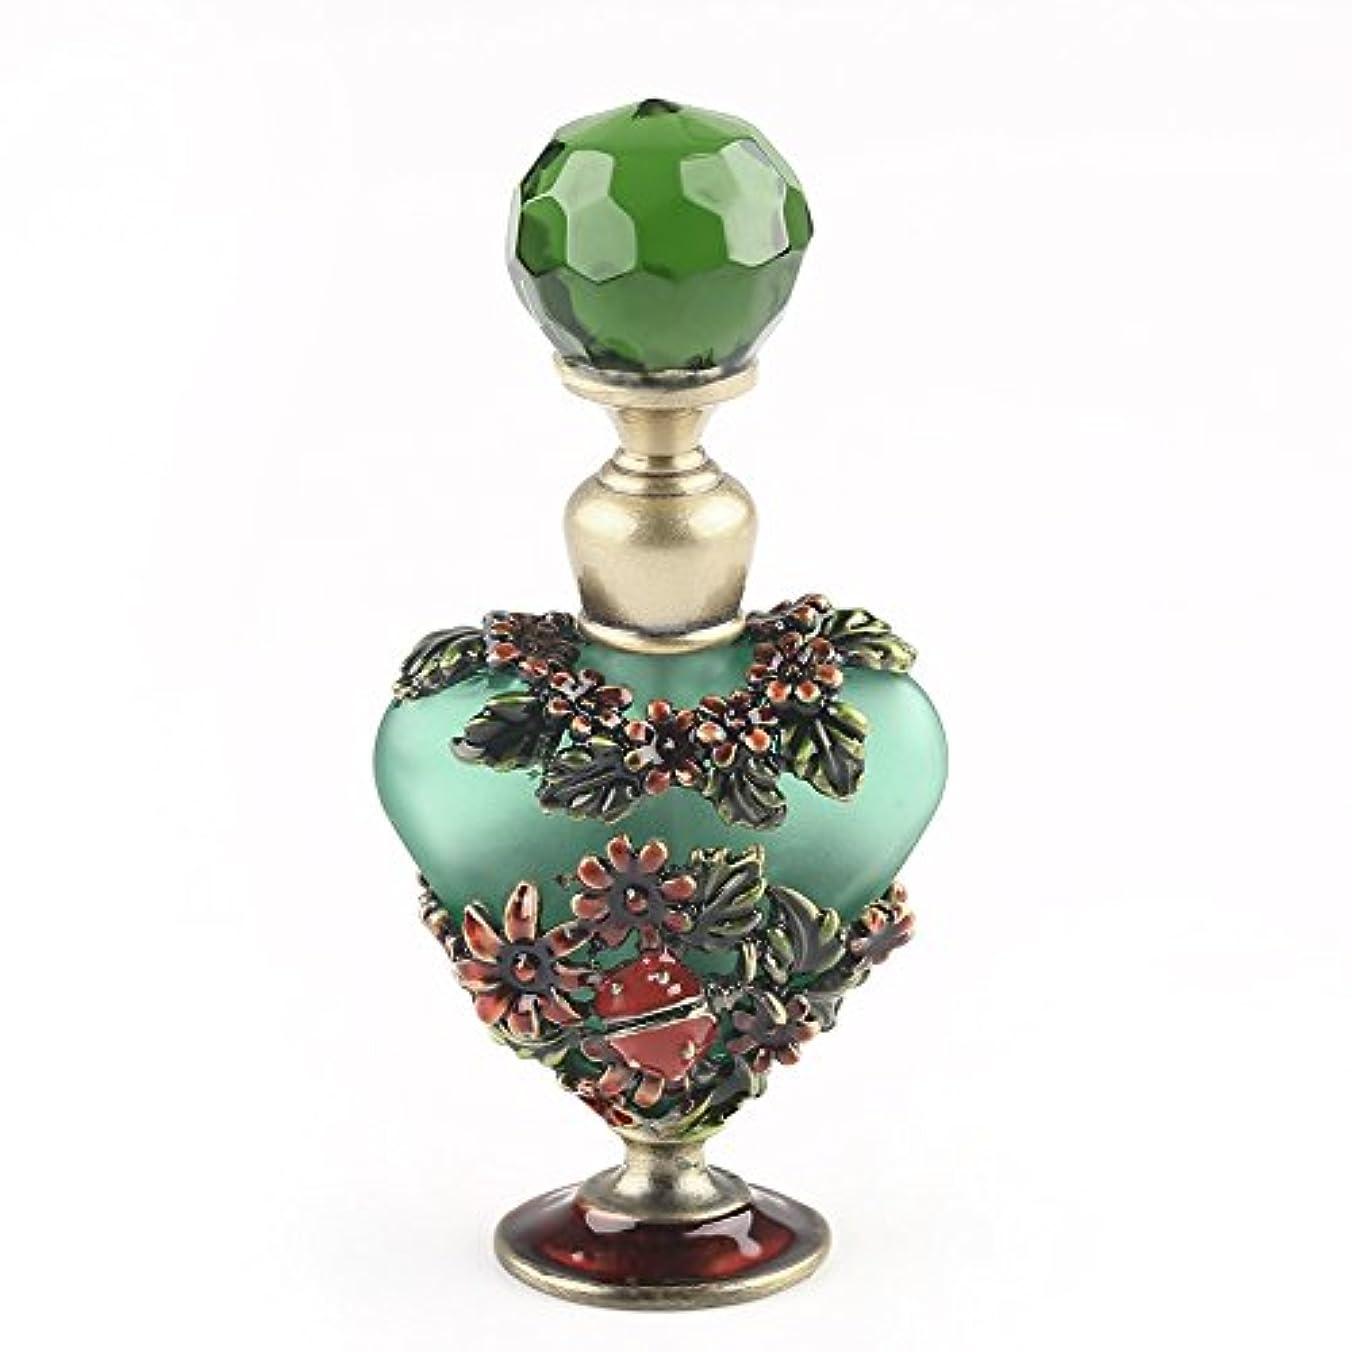 同意偏差スパンVERY100 高品質 美しい香水瓶/アロマボトル 5ML アロマオイル用瓶 綺麗アンティーク調 フラワーデザイン プレゼント 結婚式 飾り 70292